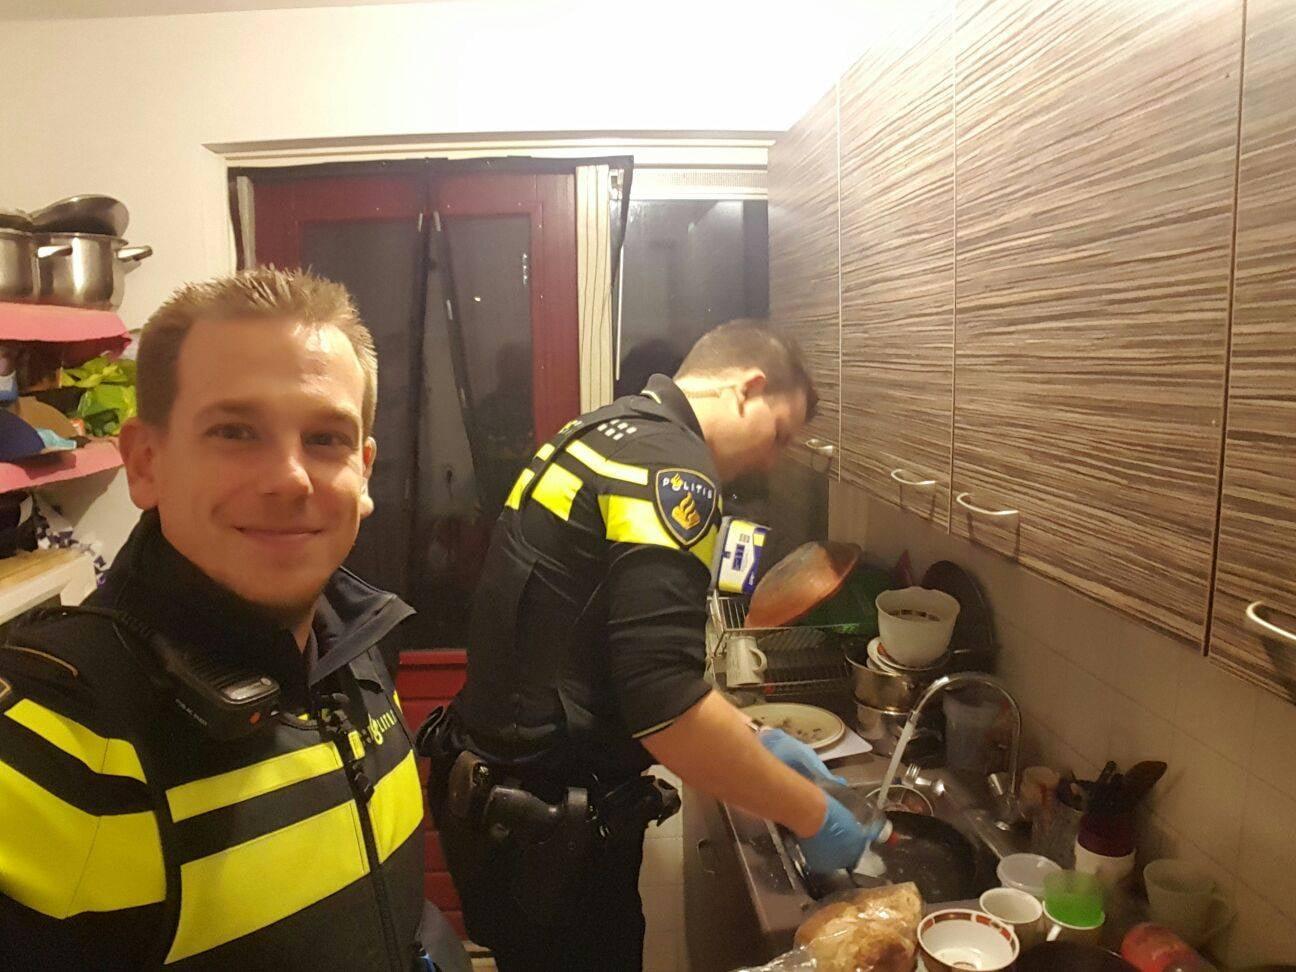 اقدام تحسین برانگیز دو پلیس مهربان! +عکس